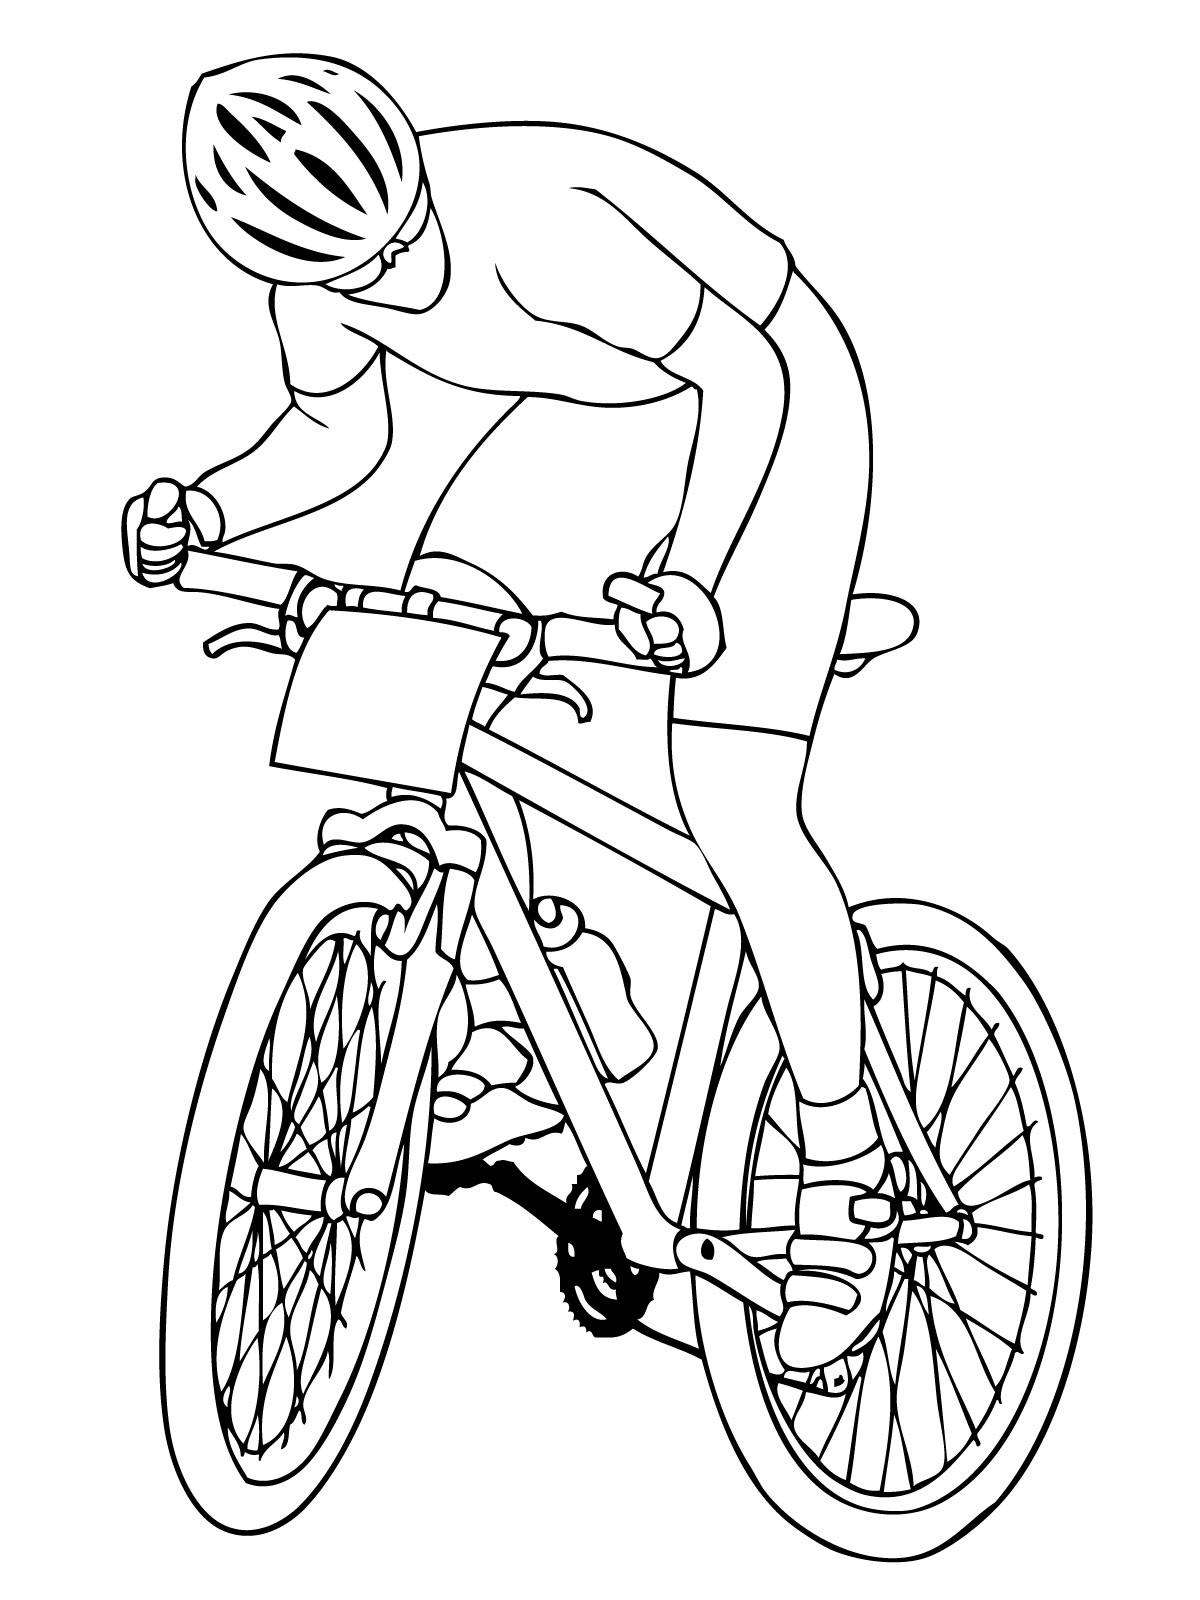 Zobacz Postać Która To Jeździ Na Rowerze Tym Obrazku Te I